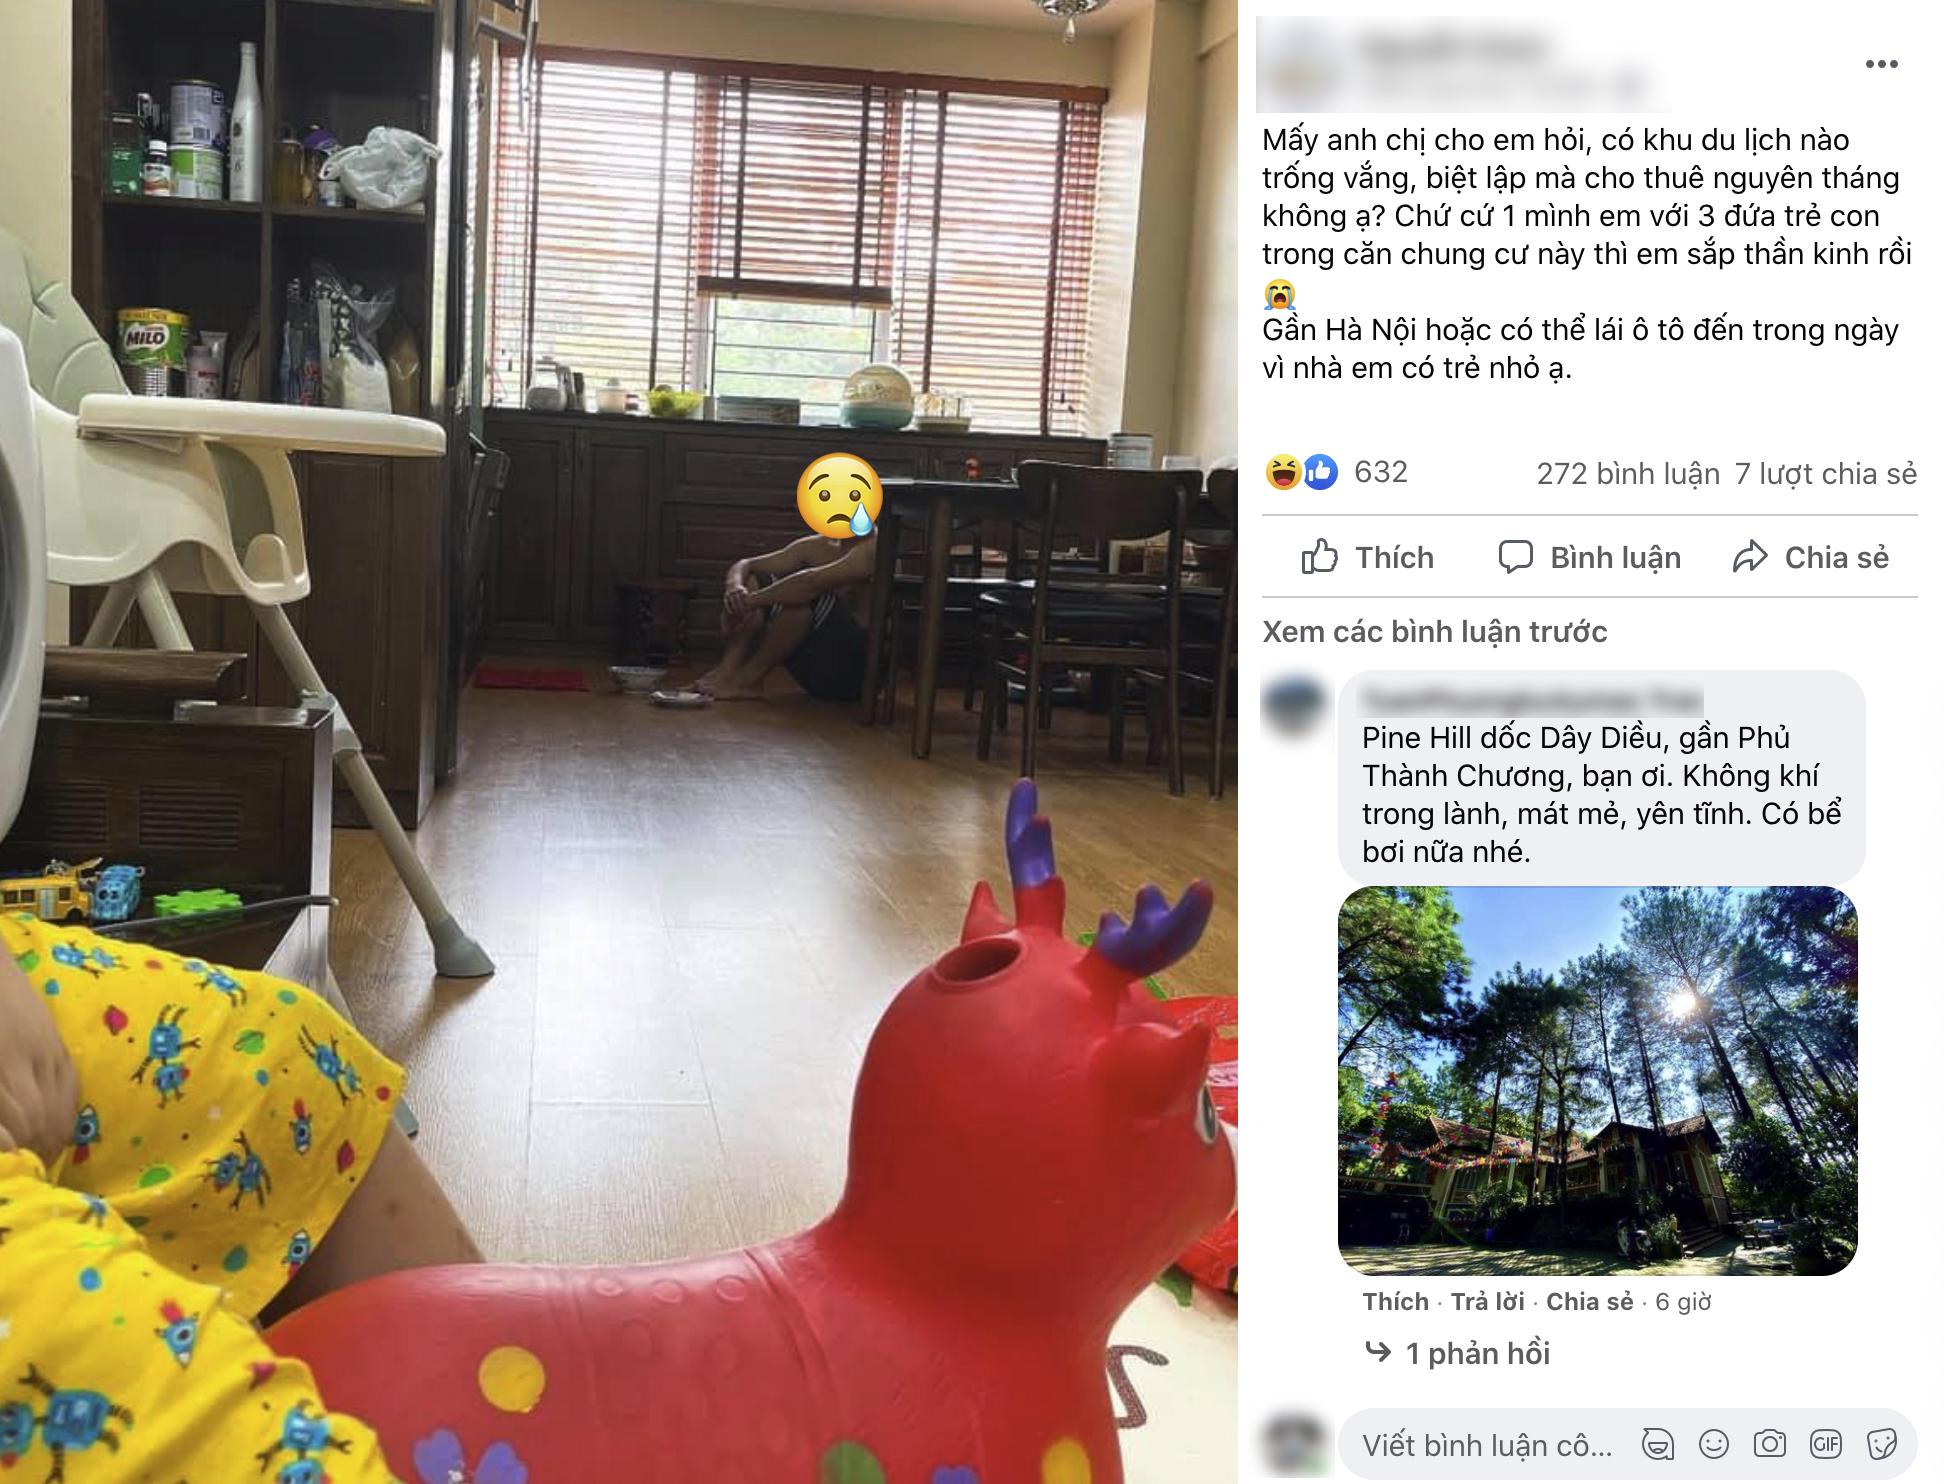 """Người mẹ kêu than """"sắp thần kinh"""" vì ở nhà trông con nghỉ hè sớm, hội phụ huynh đồng cảm liền gợi ý loạt địa điểm nghỉ dưỡng xả stress đáng đến - Ảnh 1."""